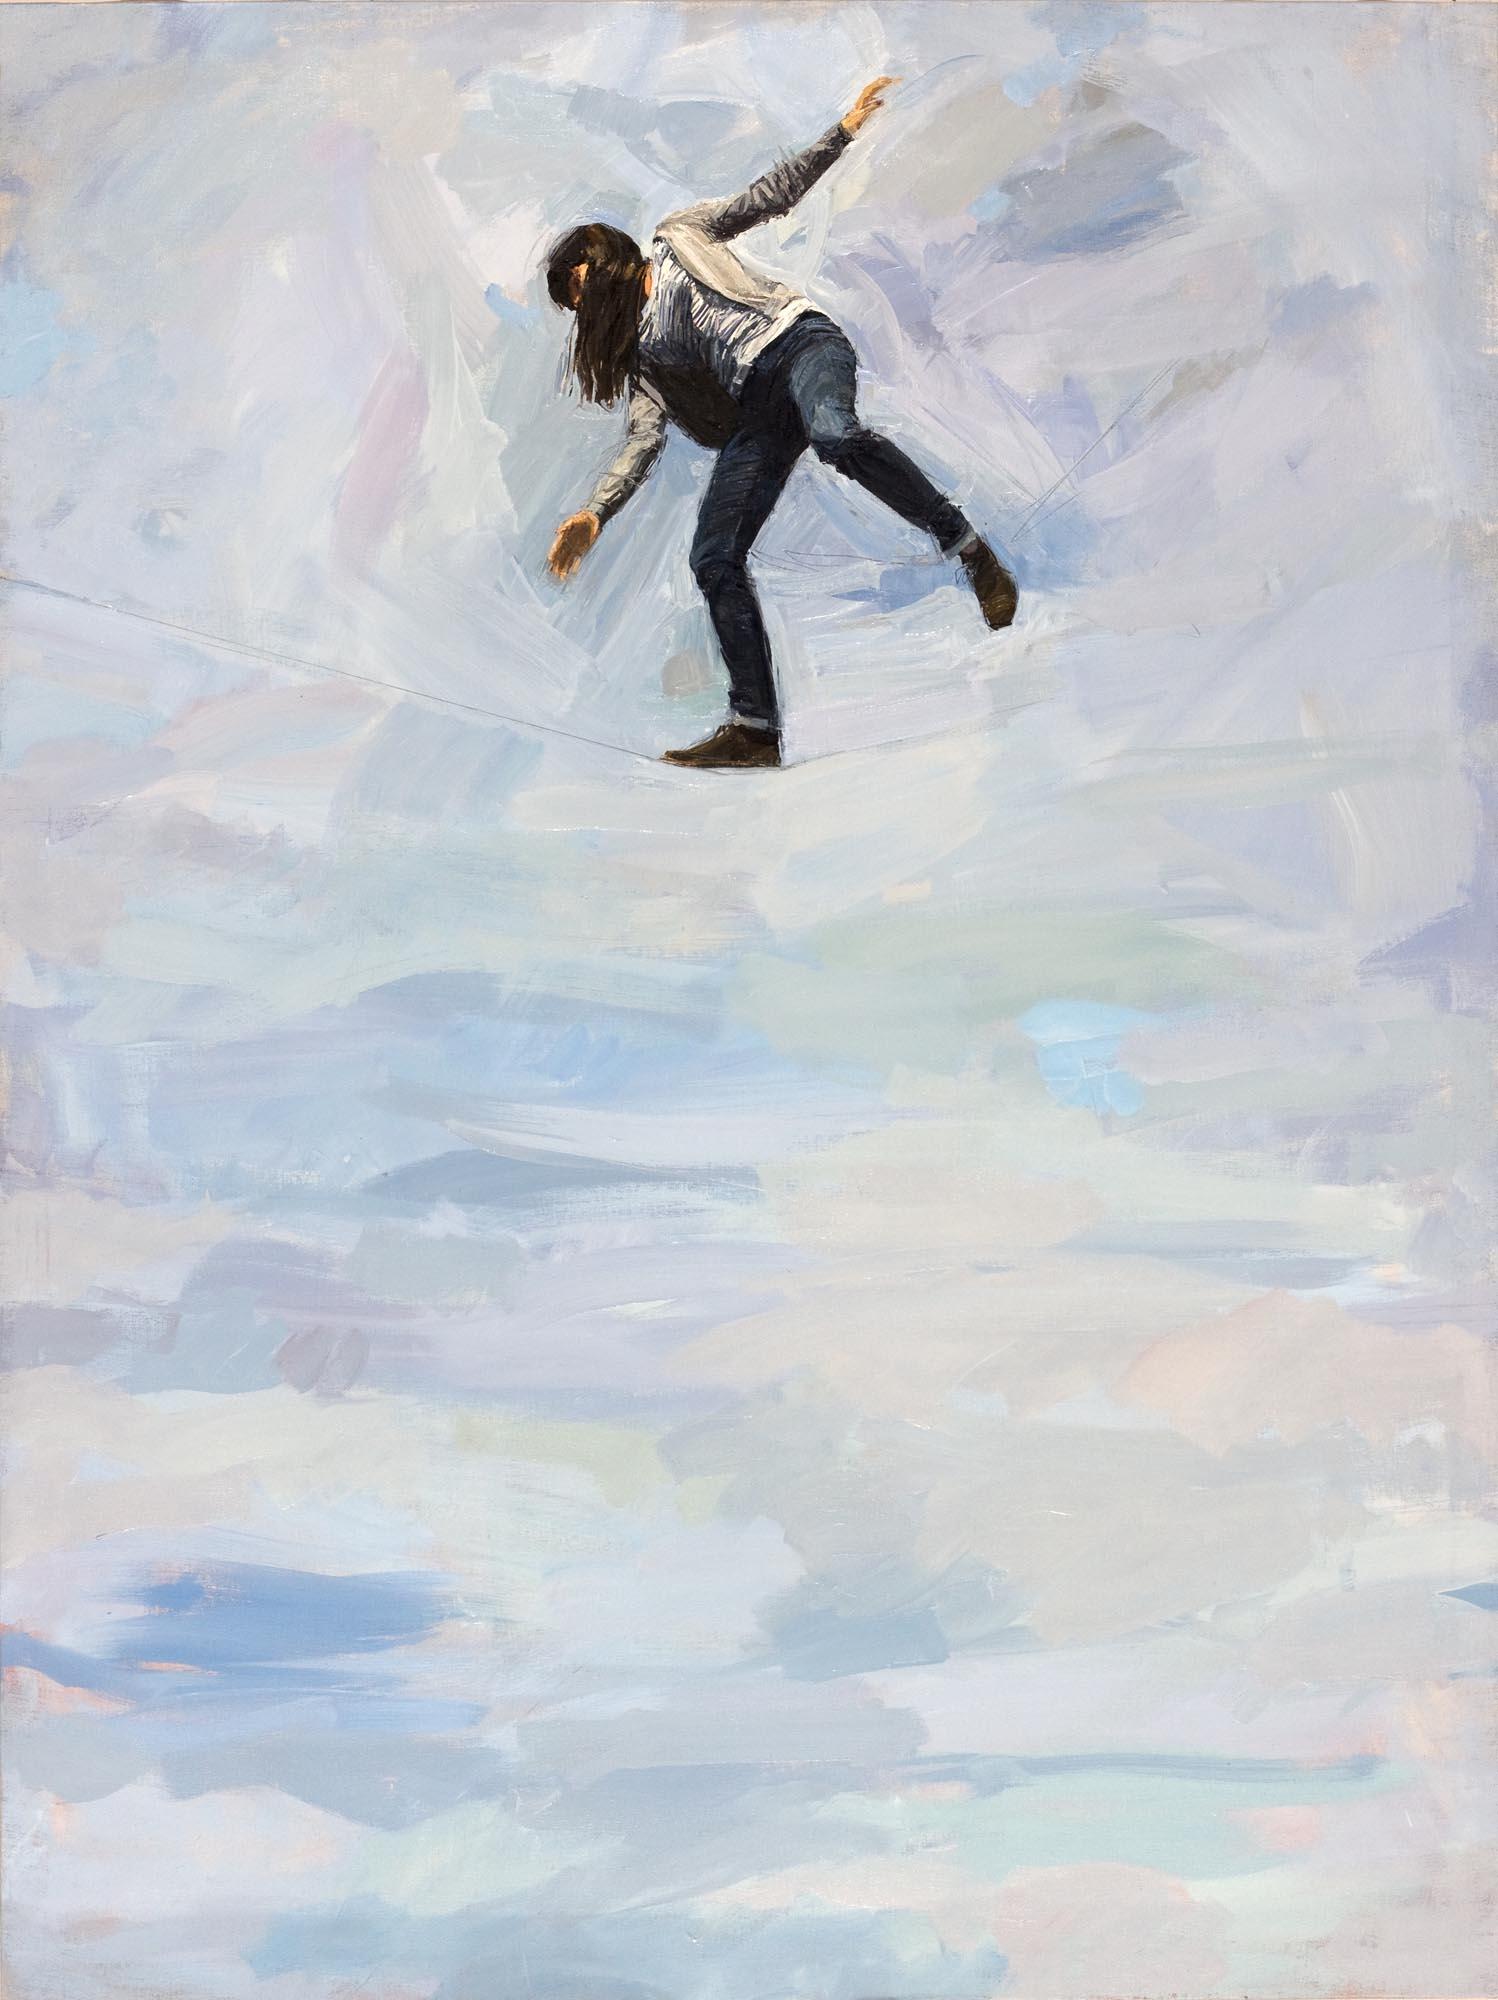 Quique Sena. En la cuerda floja I, 2013. Óleo sobre lienzo, 160 x 120 cm.